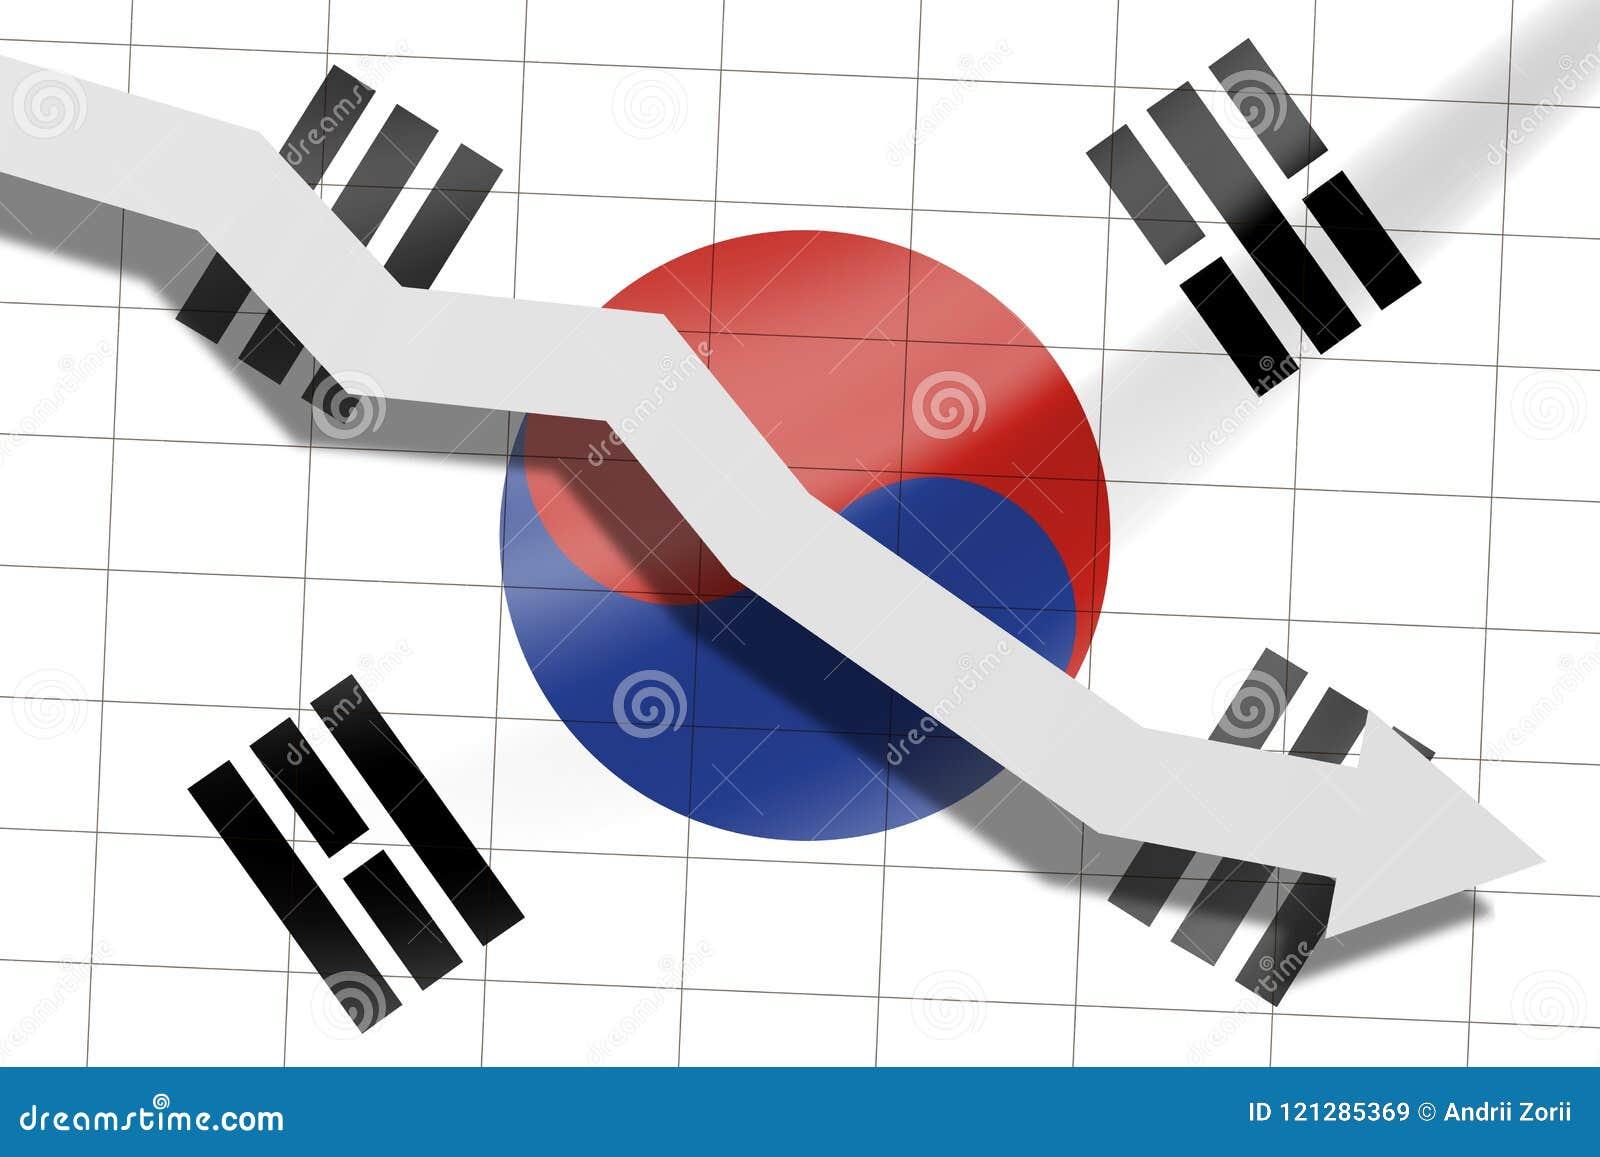 Το βέλος αφορά το υπόβαθρο της σημαίας της Νότιας Κορέας